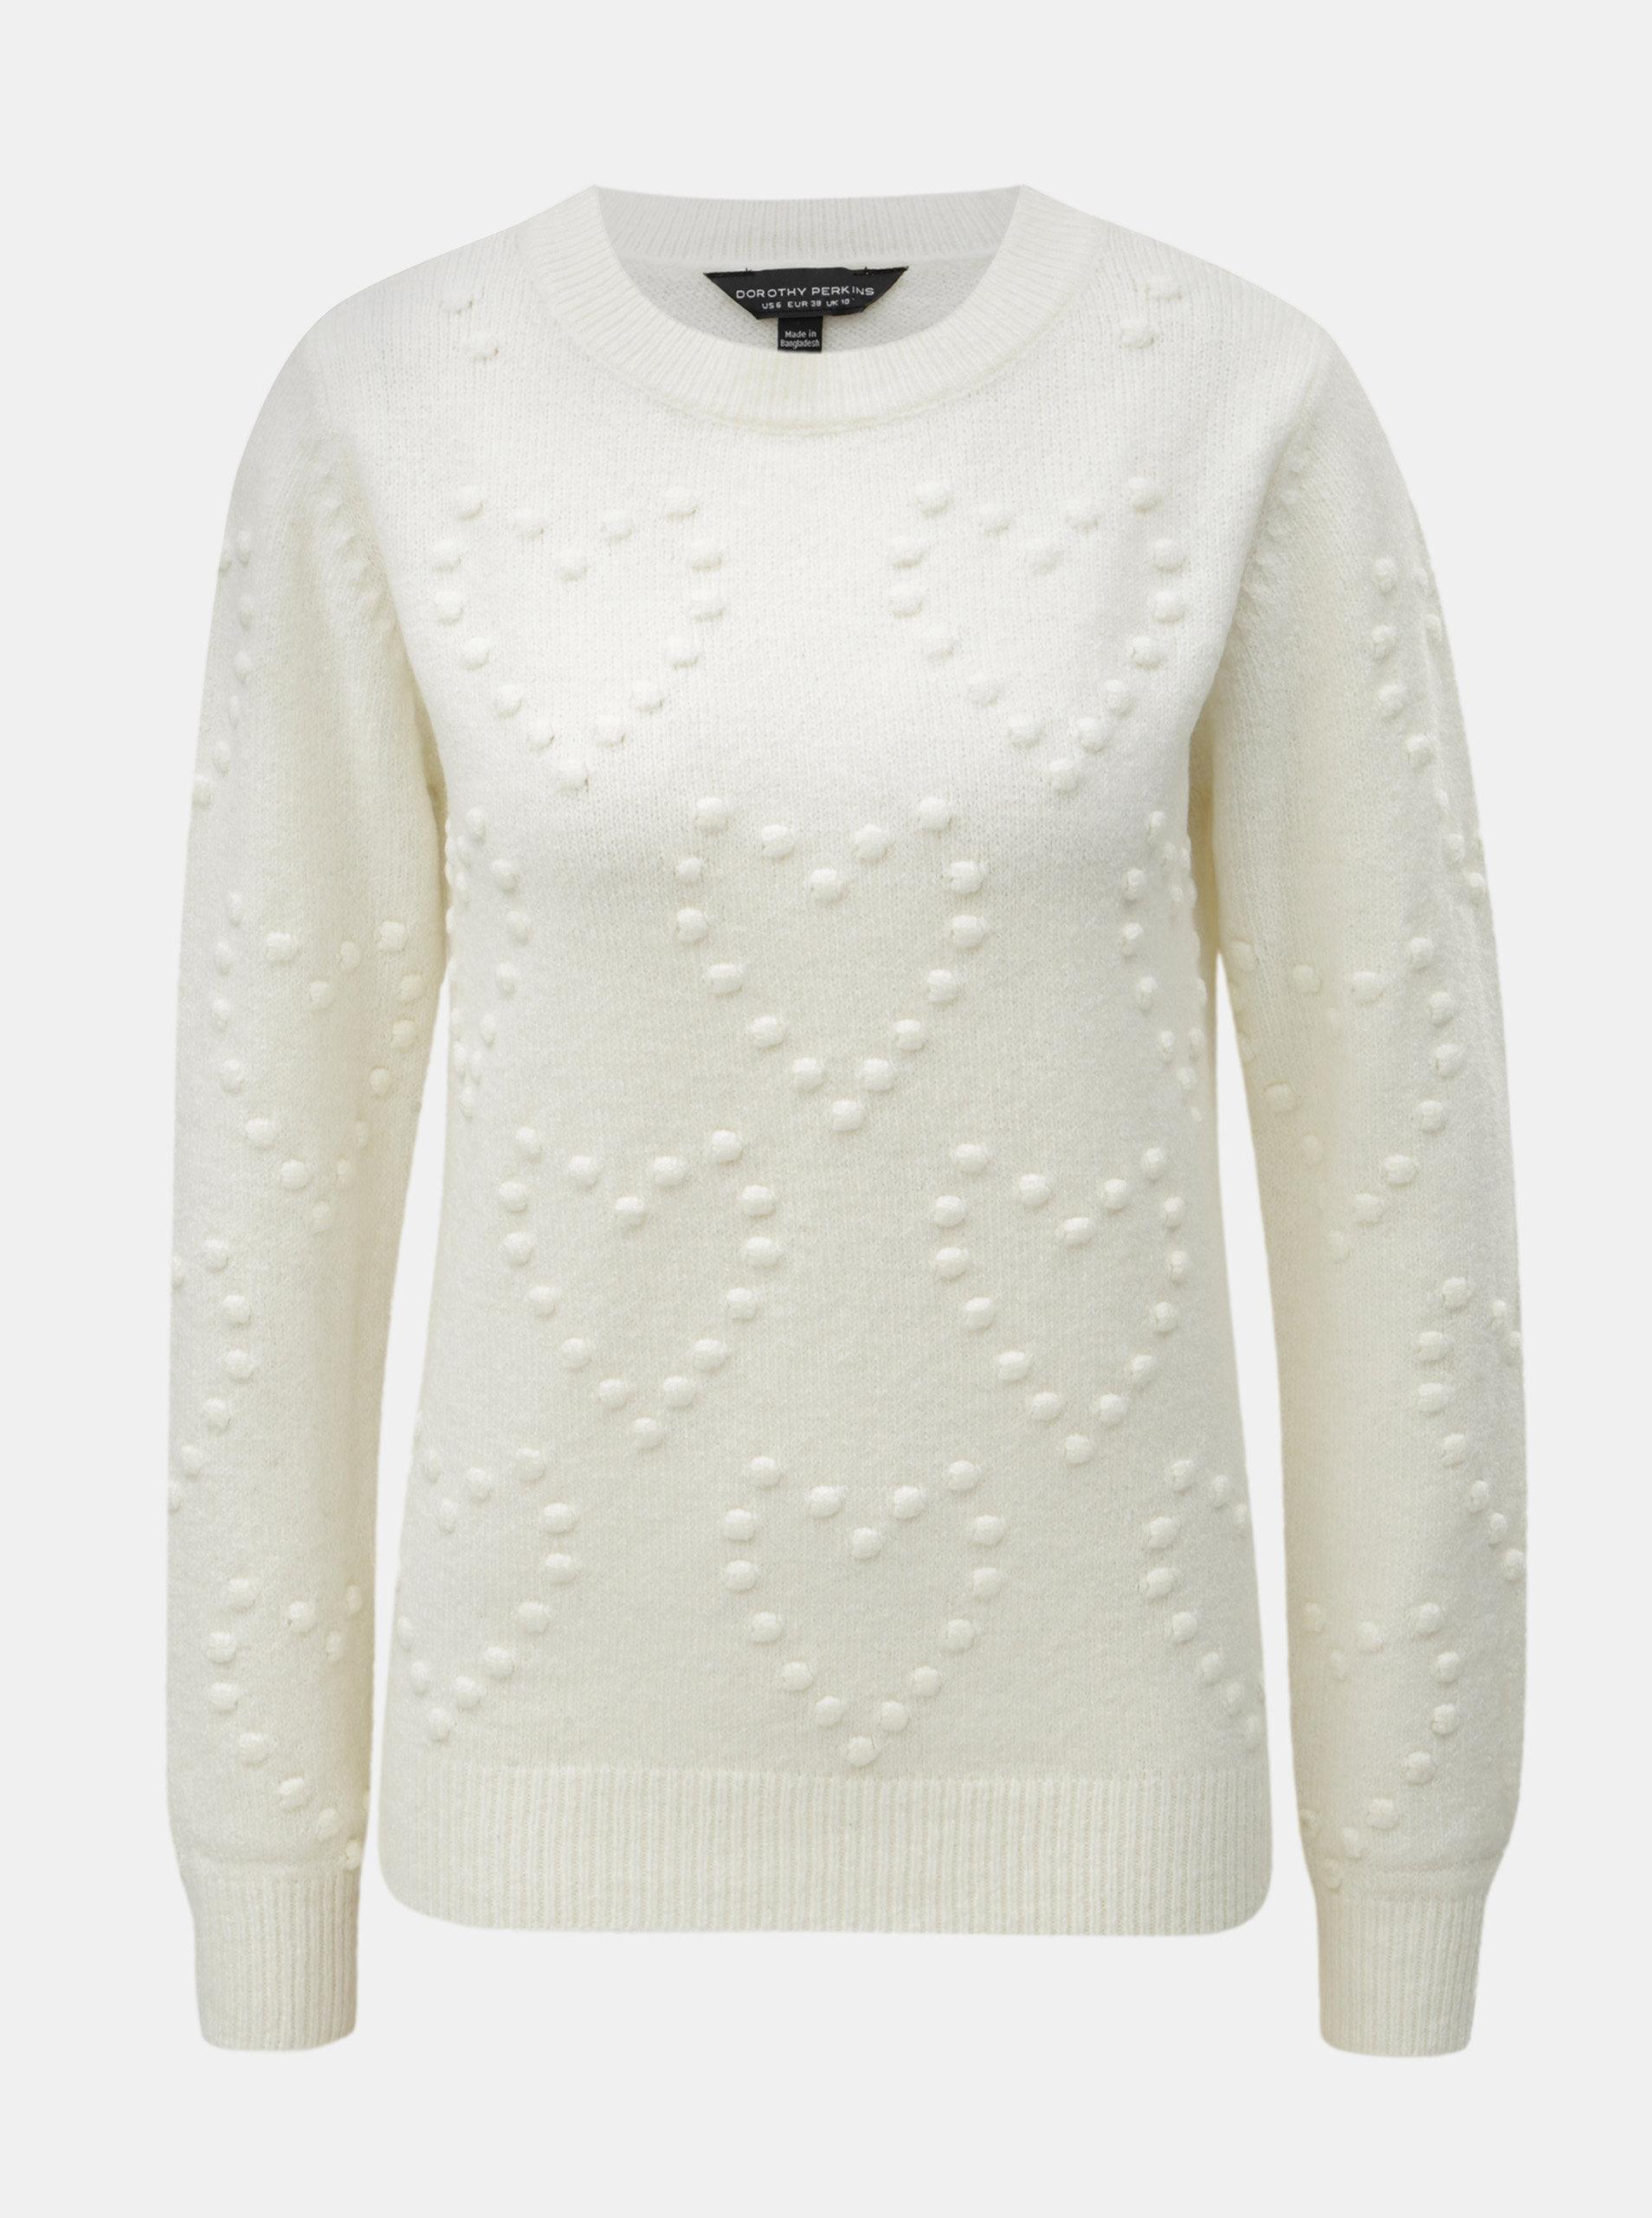 398bbce0809 Krémový svetr s plastickým vzorem Dorothy Perkins ...